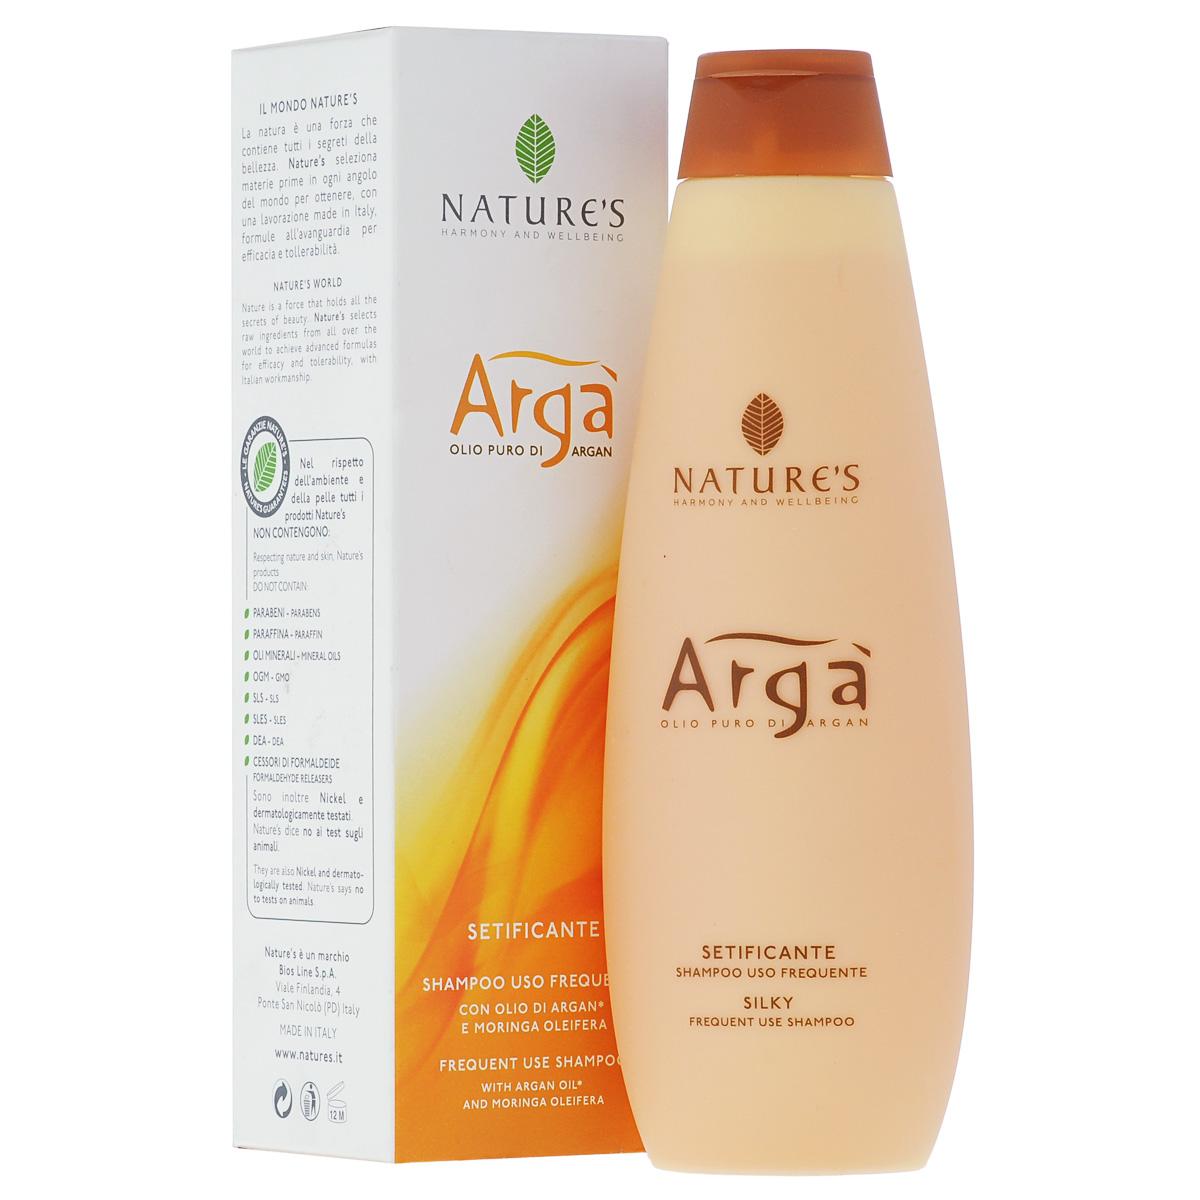 Шампунь Natures Arga, для частого использования, 200 млFS-00103Шампунь Natures Arga рекомендуется для ухода за поврежденными, слабыми, тонкими волосами. Шампунь обладает восстанавливающим, антистрессовым эффектом. Питает, увлажняет, наполняет волосы силой, оставляя их мягкими, шелковистыми и сияющими. Тонизирует и успокаивает кожу головы. Благодаря эфирному маслу лицеи, придает приятное ощущение свежести и благополучия. Предназначен для частого использования.Характеристики:Объем: 200 мл.Производитель: Италия. Артикул:60150903. Товар сертифицирован.